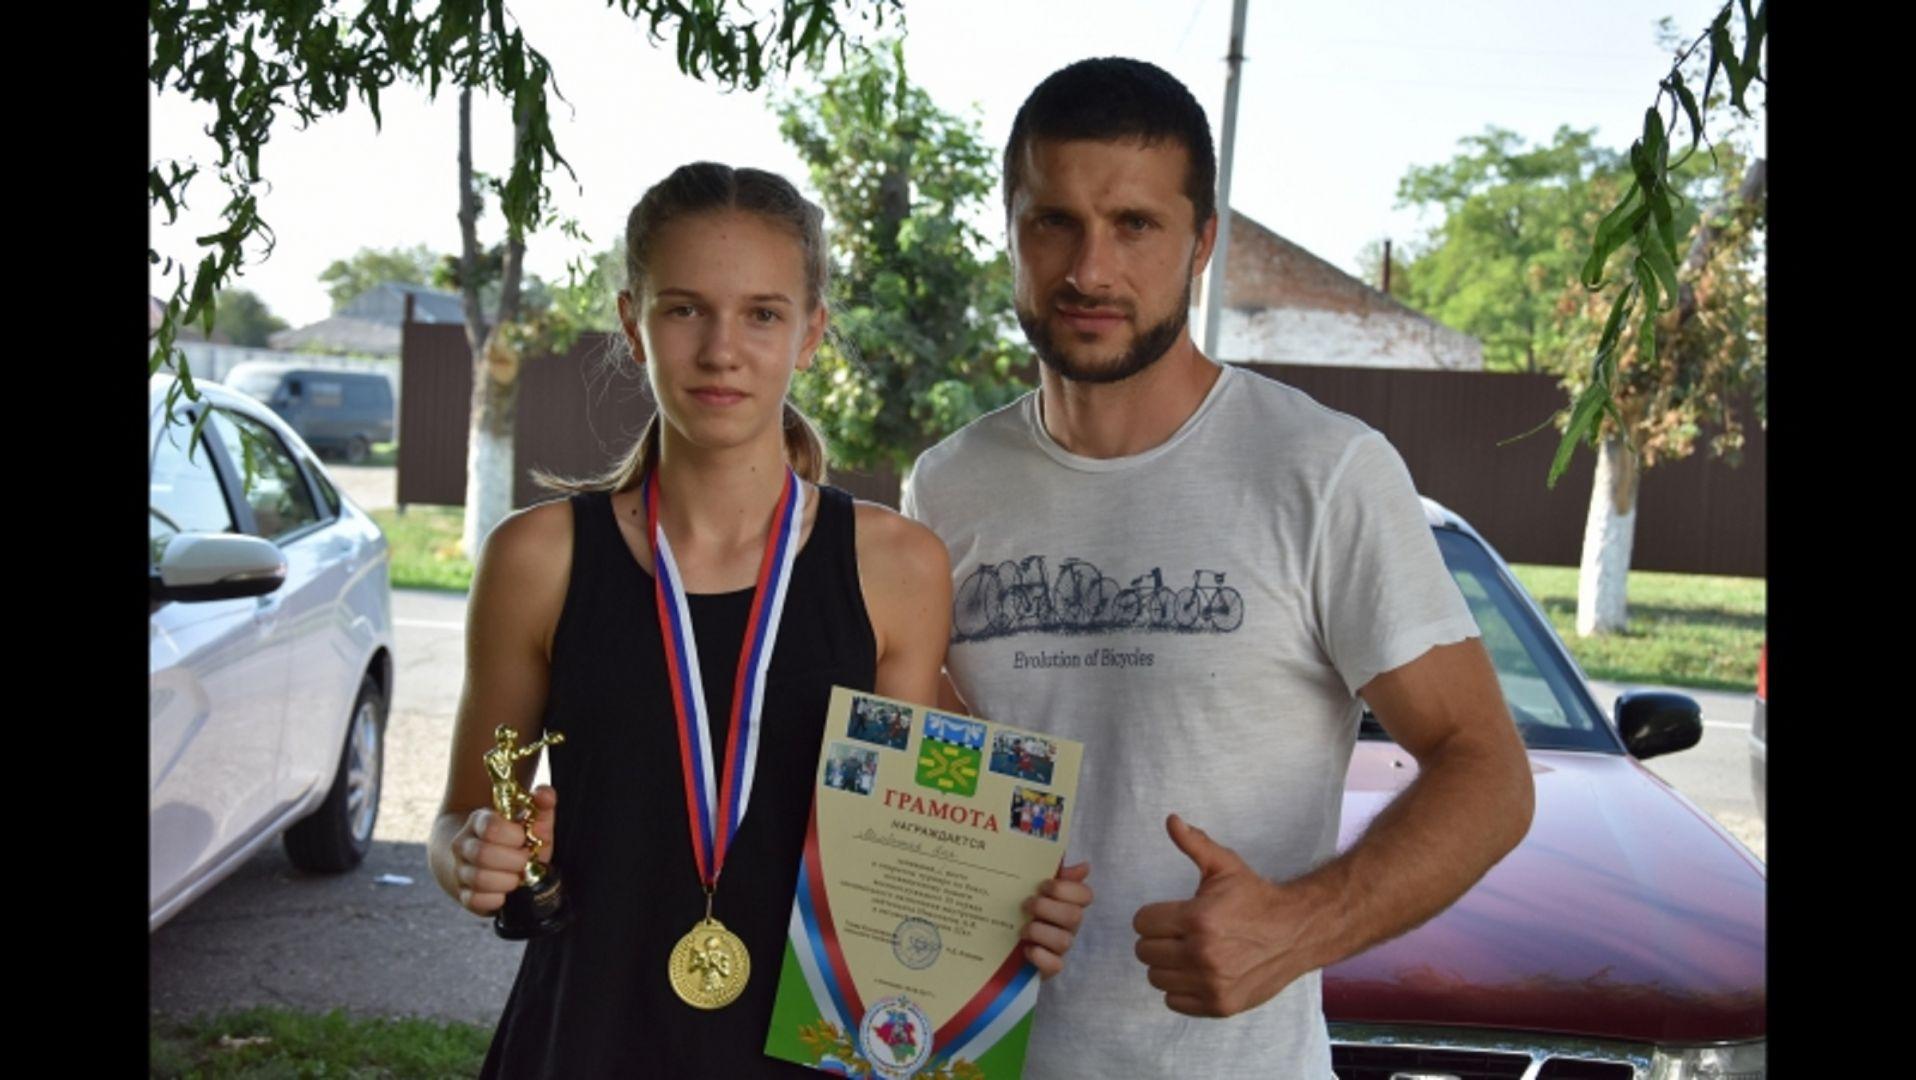 Ставропольская чемпионка России по кудо поборется за право представлять страну на чемпионате мира